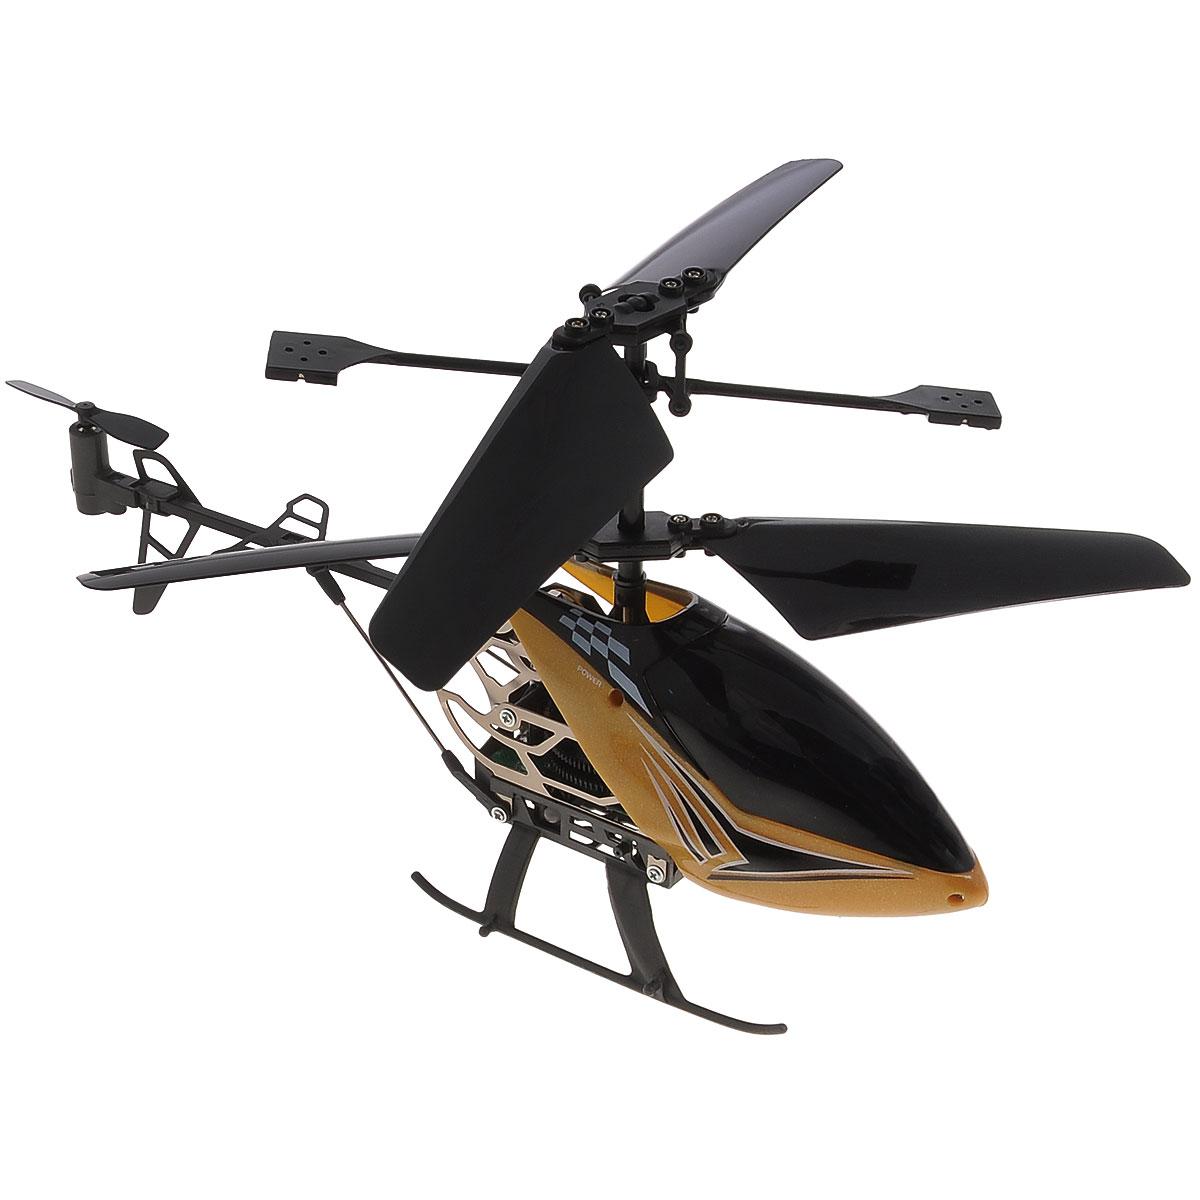 silverlit silverlit вертолет со стрелами helli blaster на радиоуправлении 3х канальный Silverlit Вертолет на радиоуправлении Sky Dragon цвет золотистый